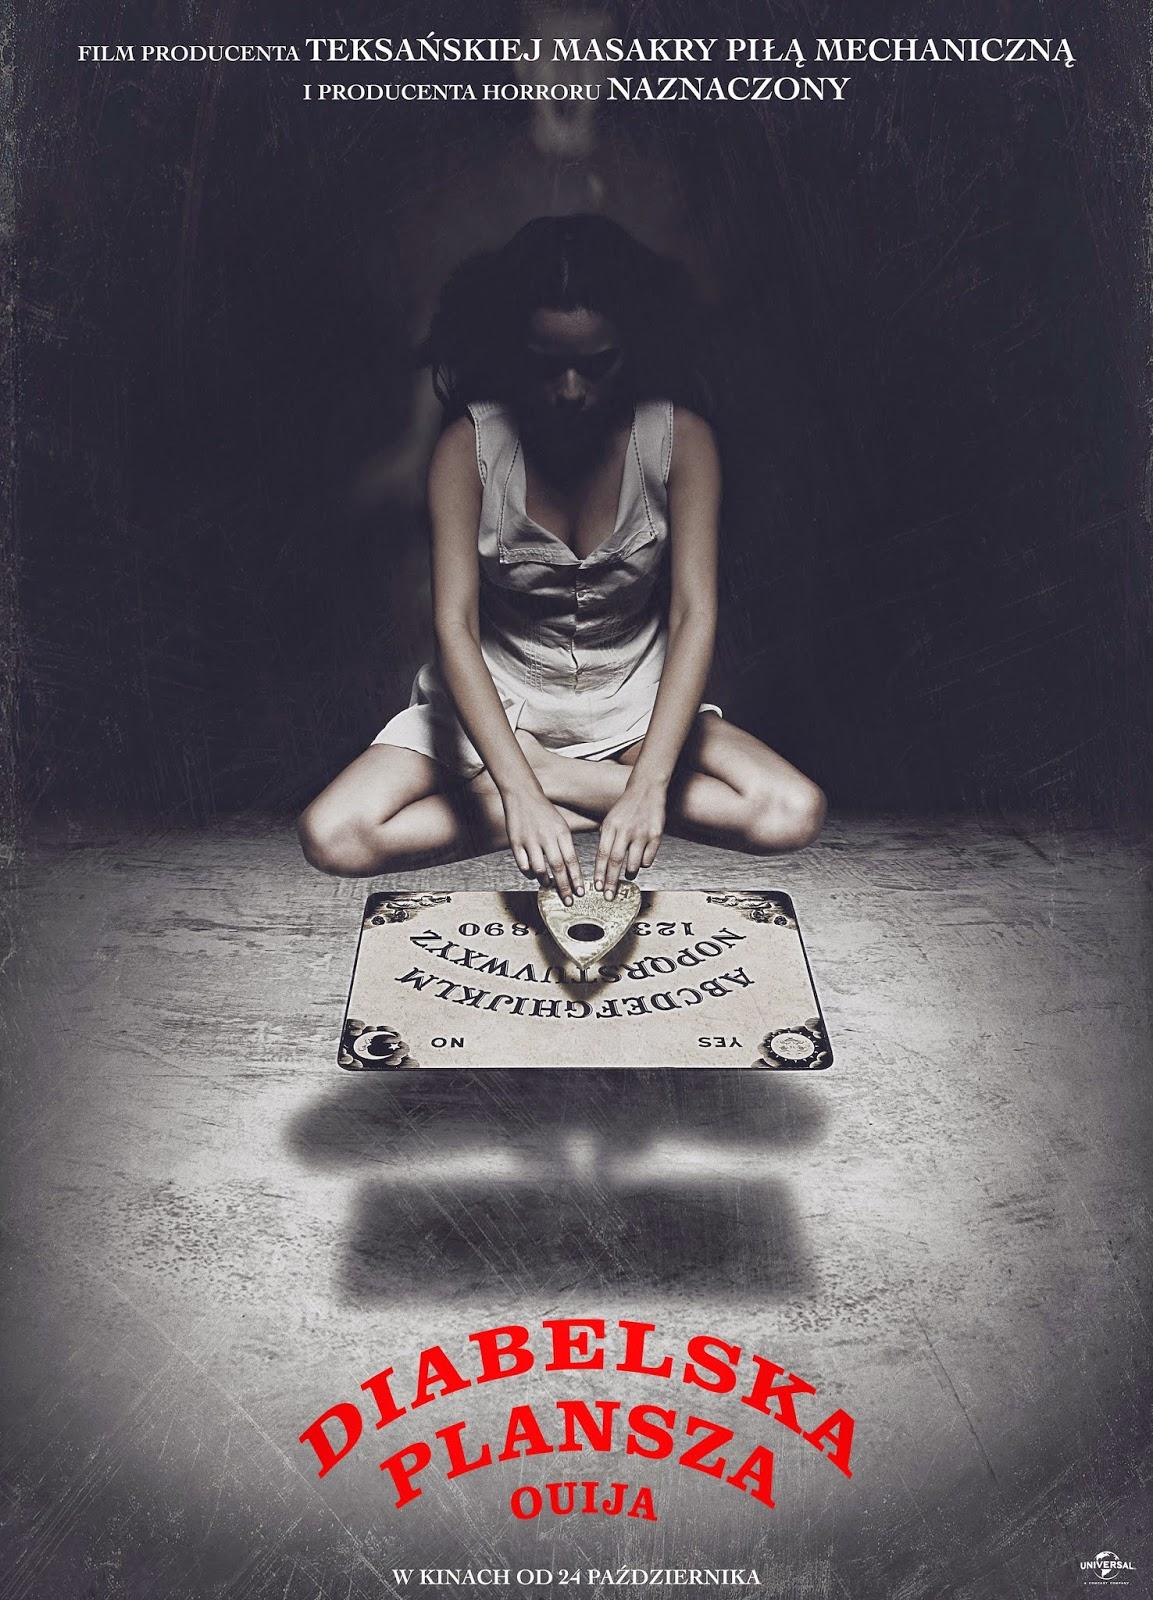 Diabelska plansza Ouija (2014)